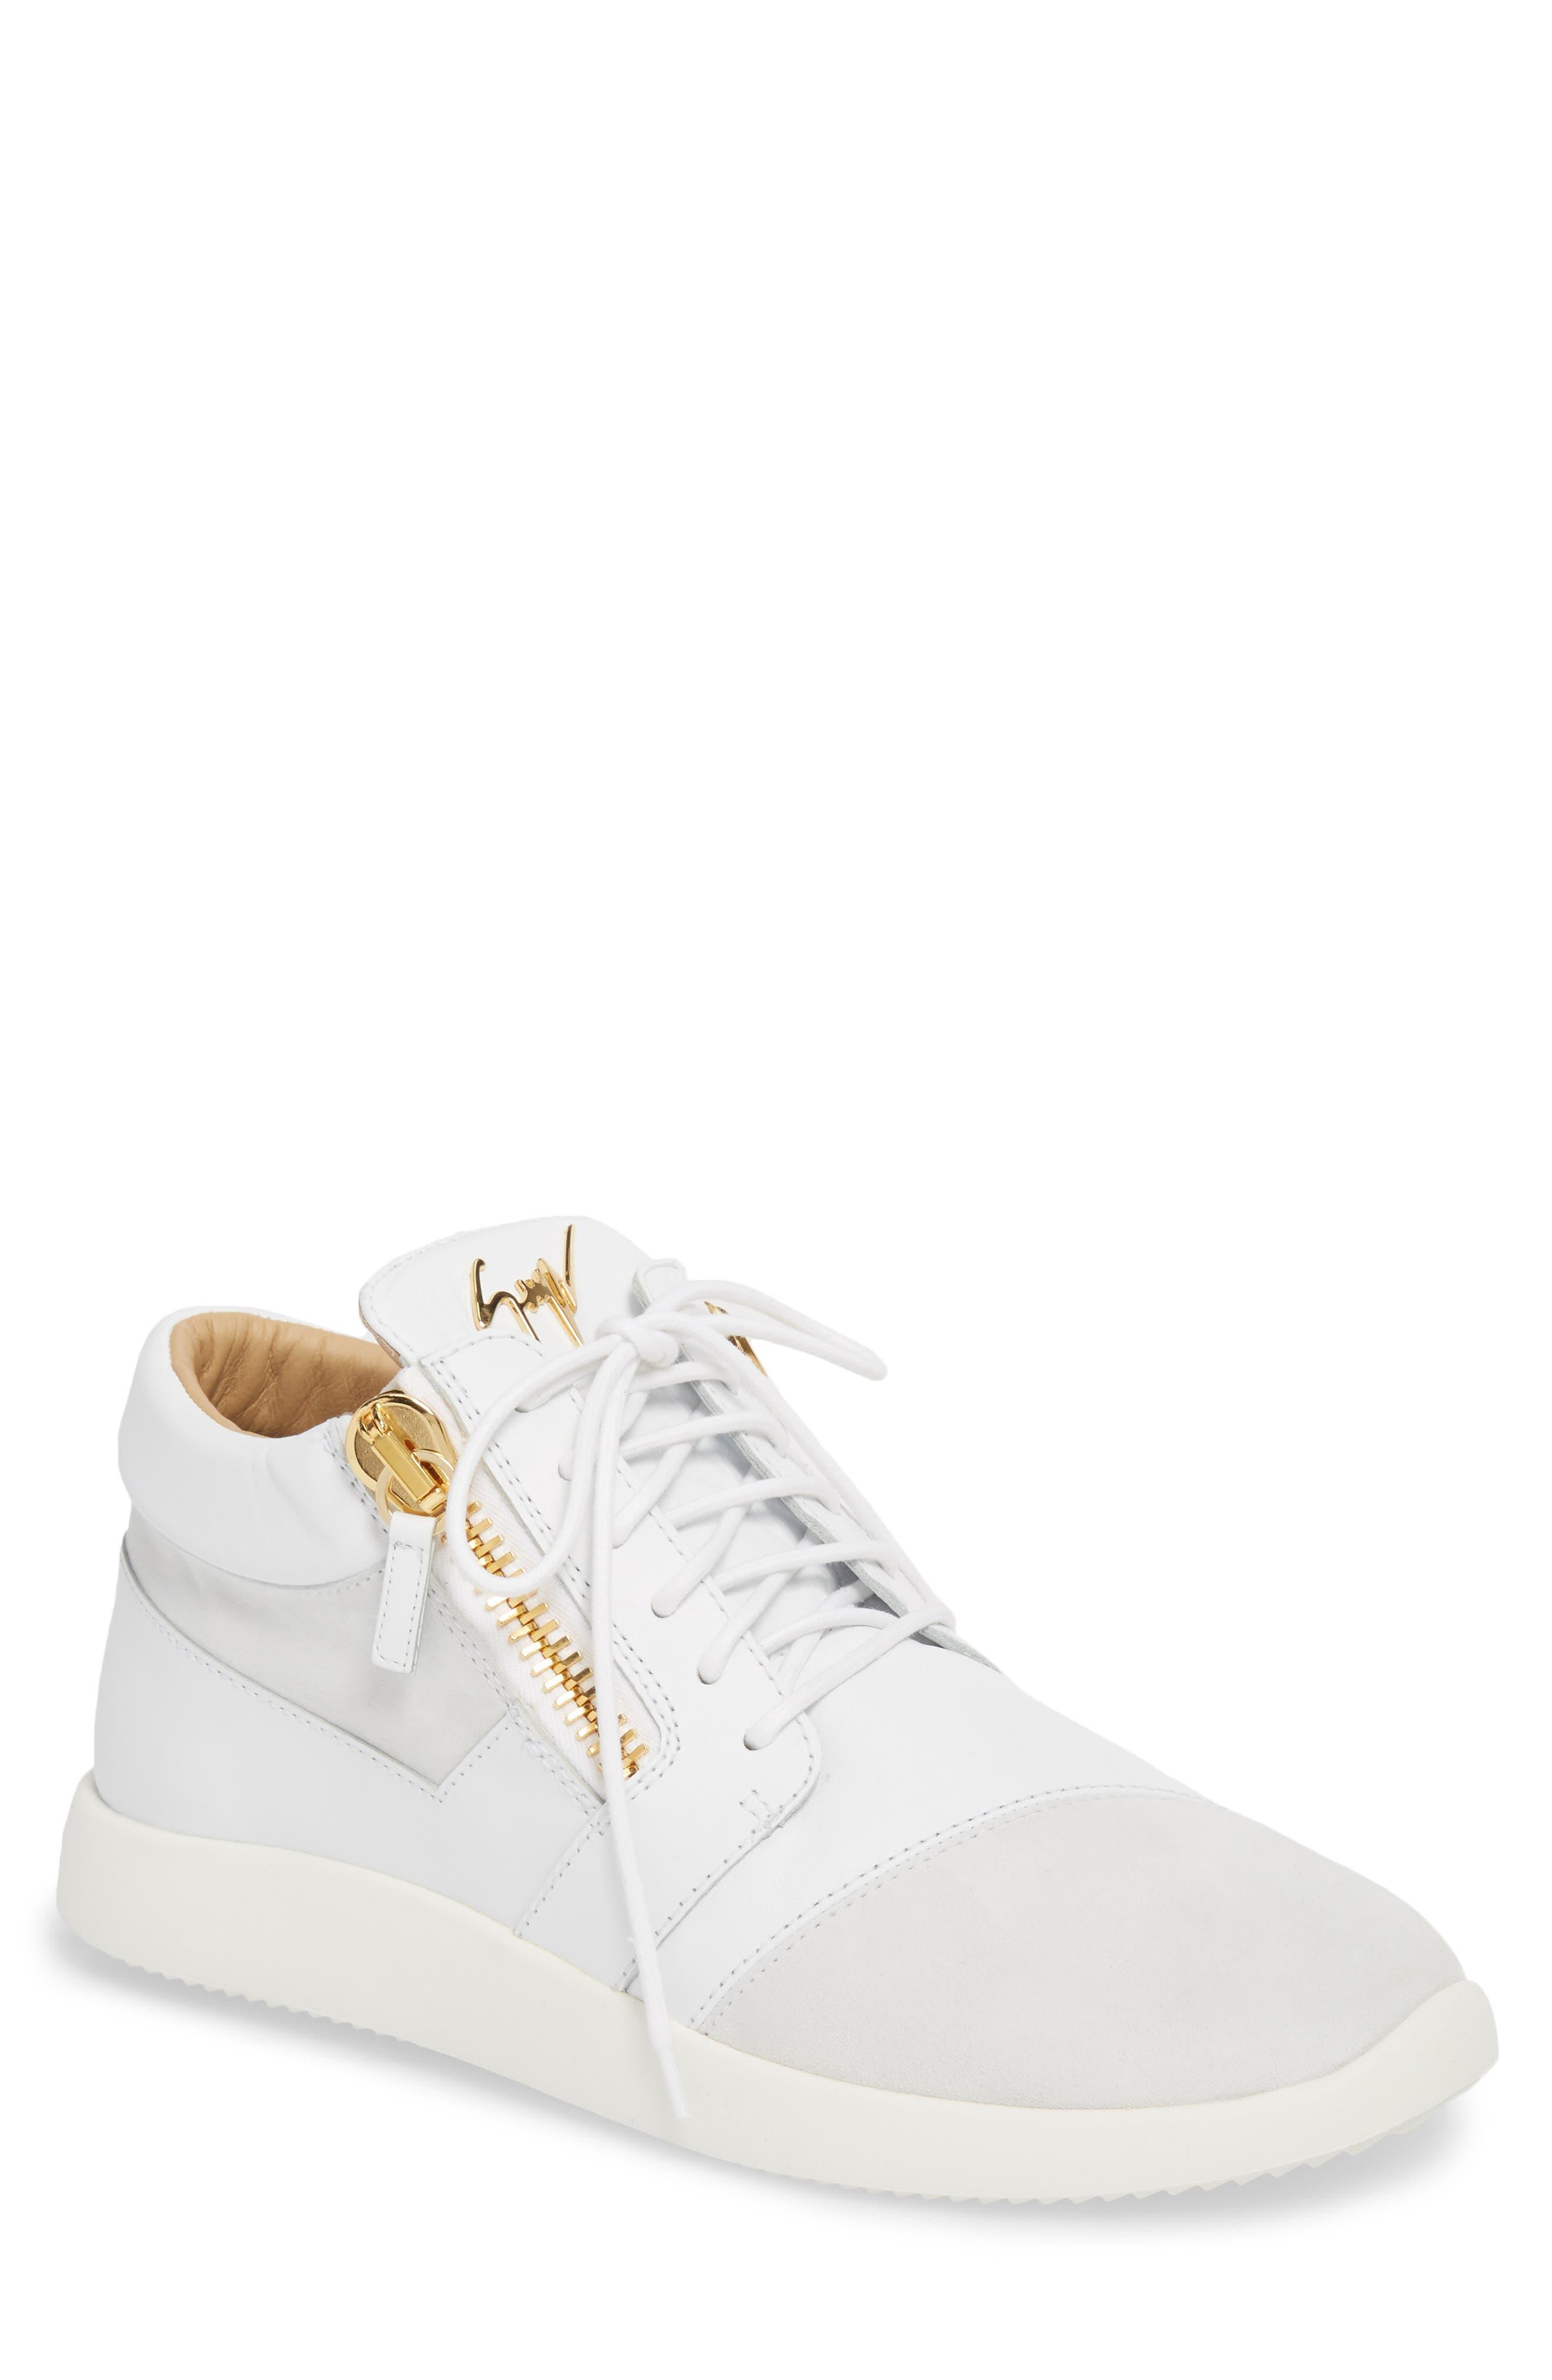 Double Zip Trainer Sneaker by Giuseppe Zanotti